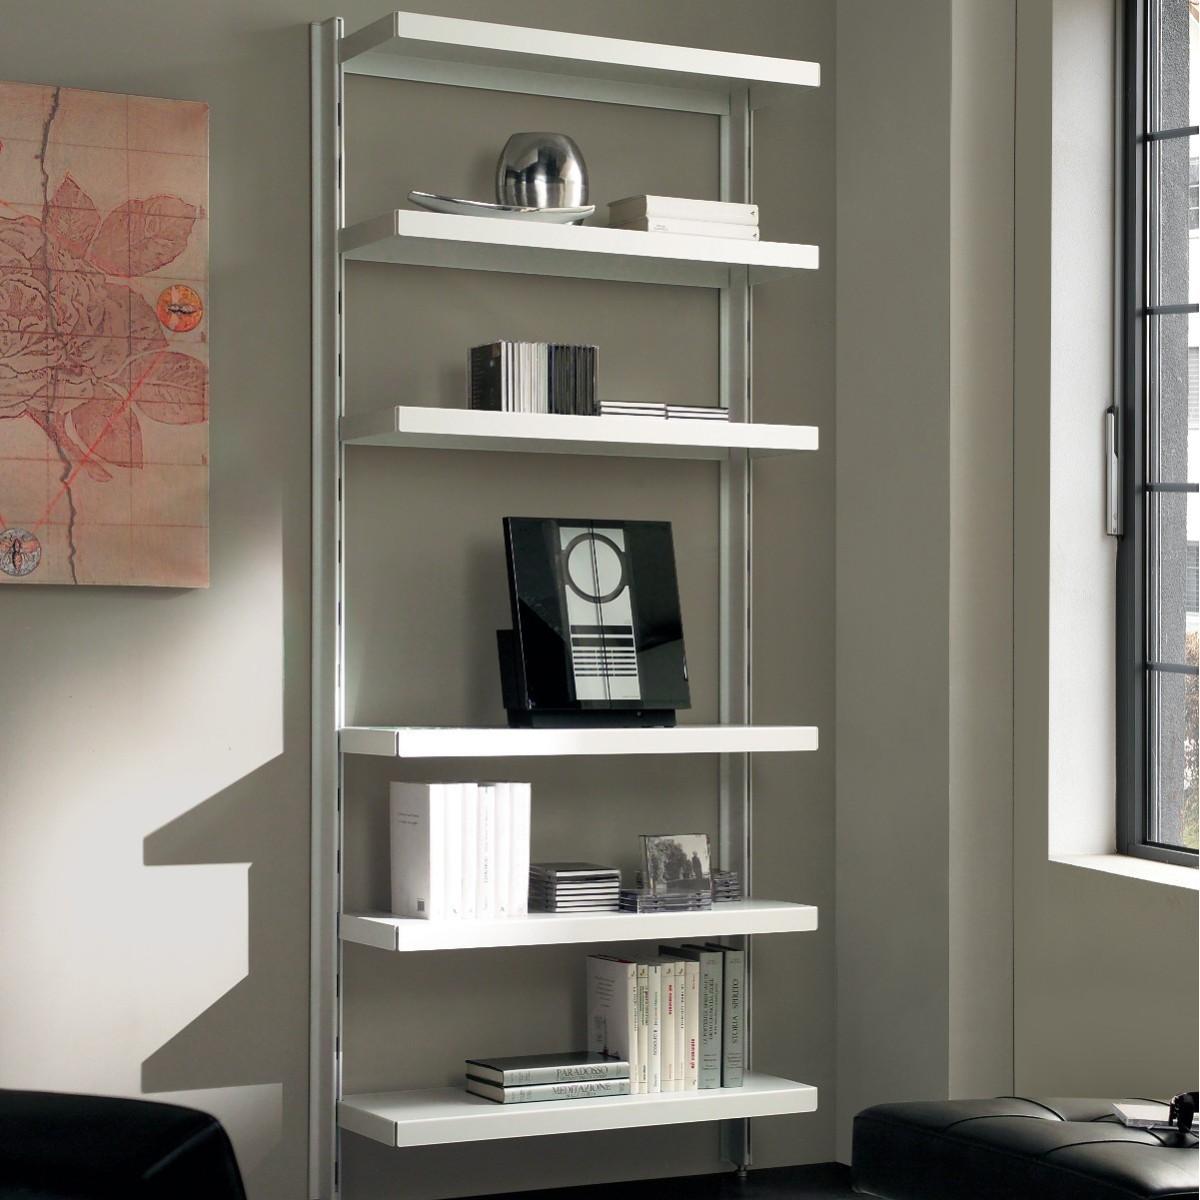 Libreria Profondità 15 Cm scaffale in metallo a muro design moderno in acciaio big 15